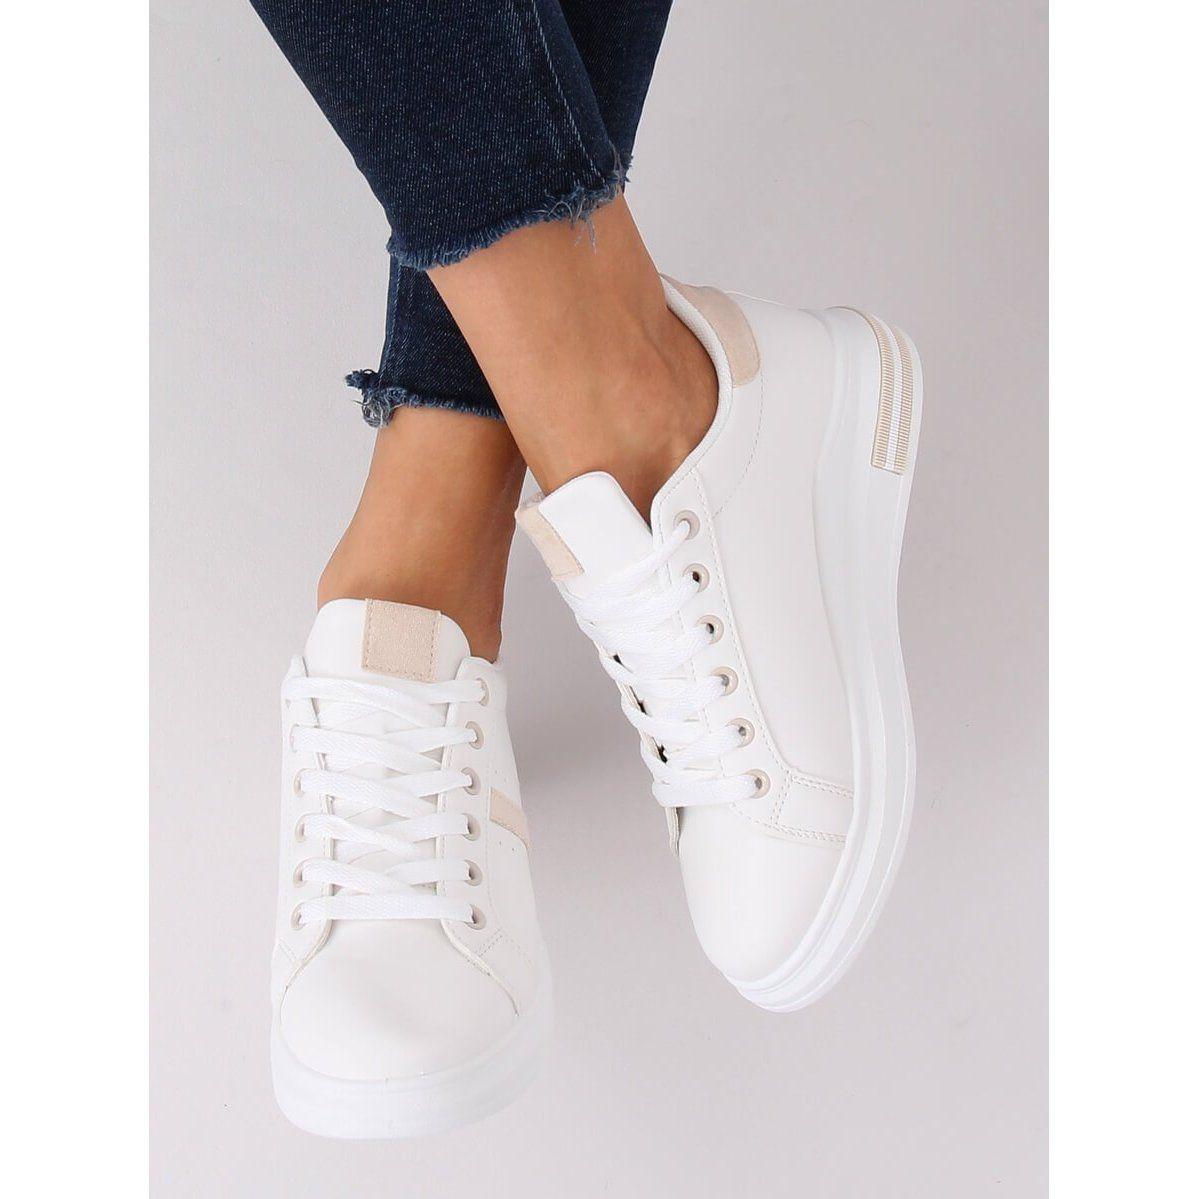 Buty Sportowe Damskie Biale Bl201p Beige Wedding Sneaker Wedding Shoe Shoes